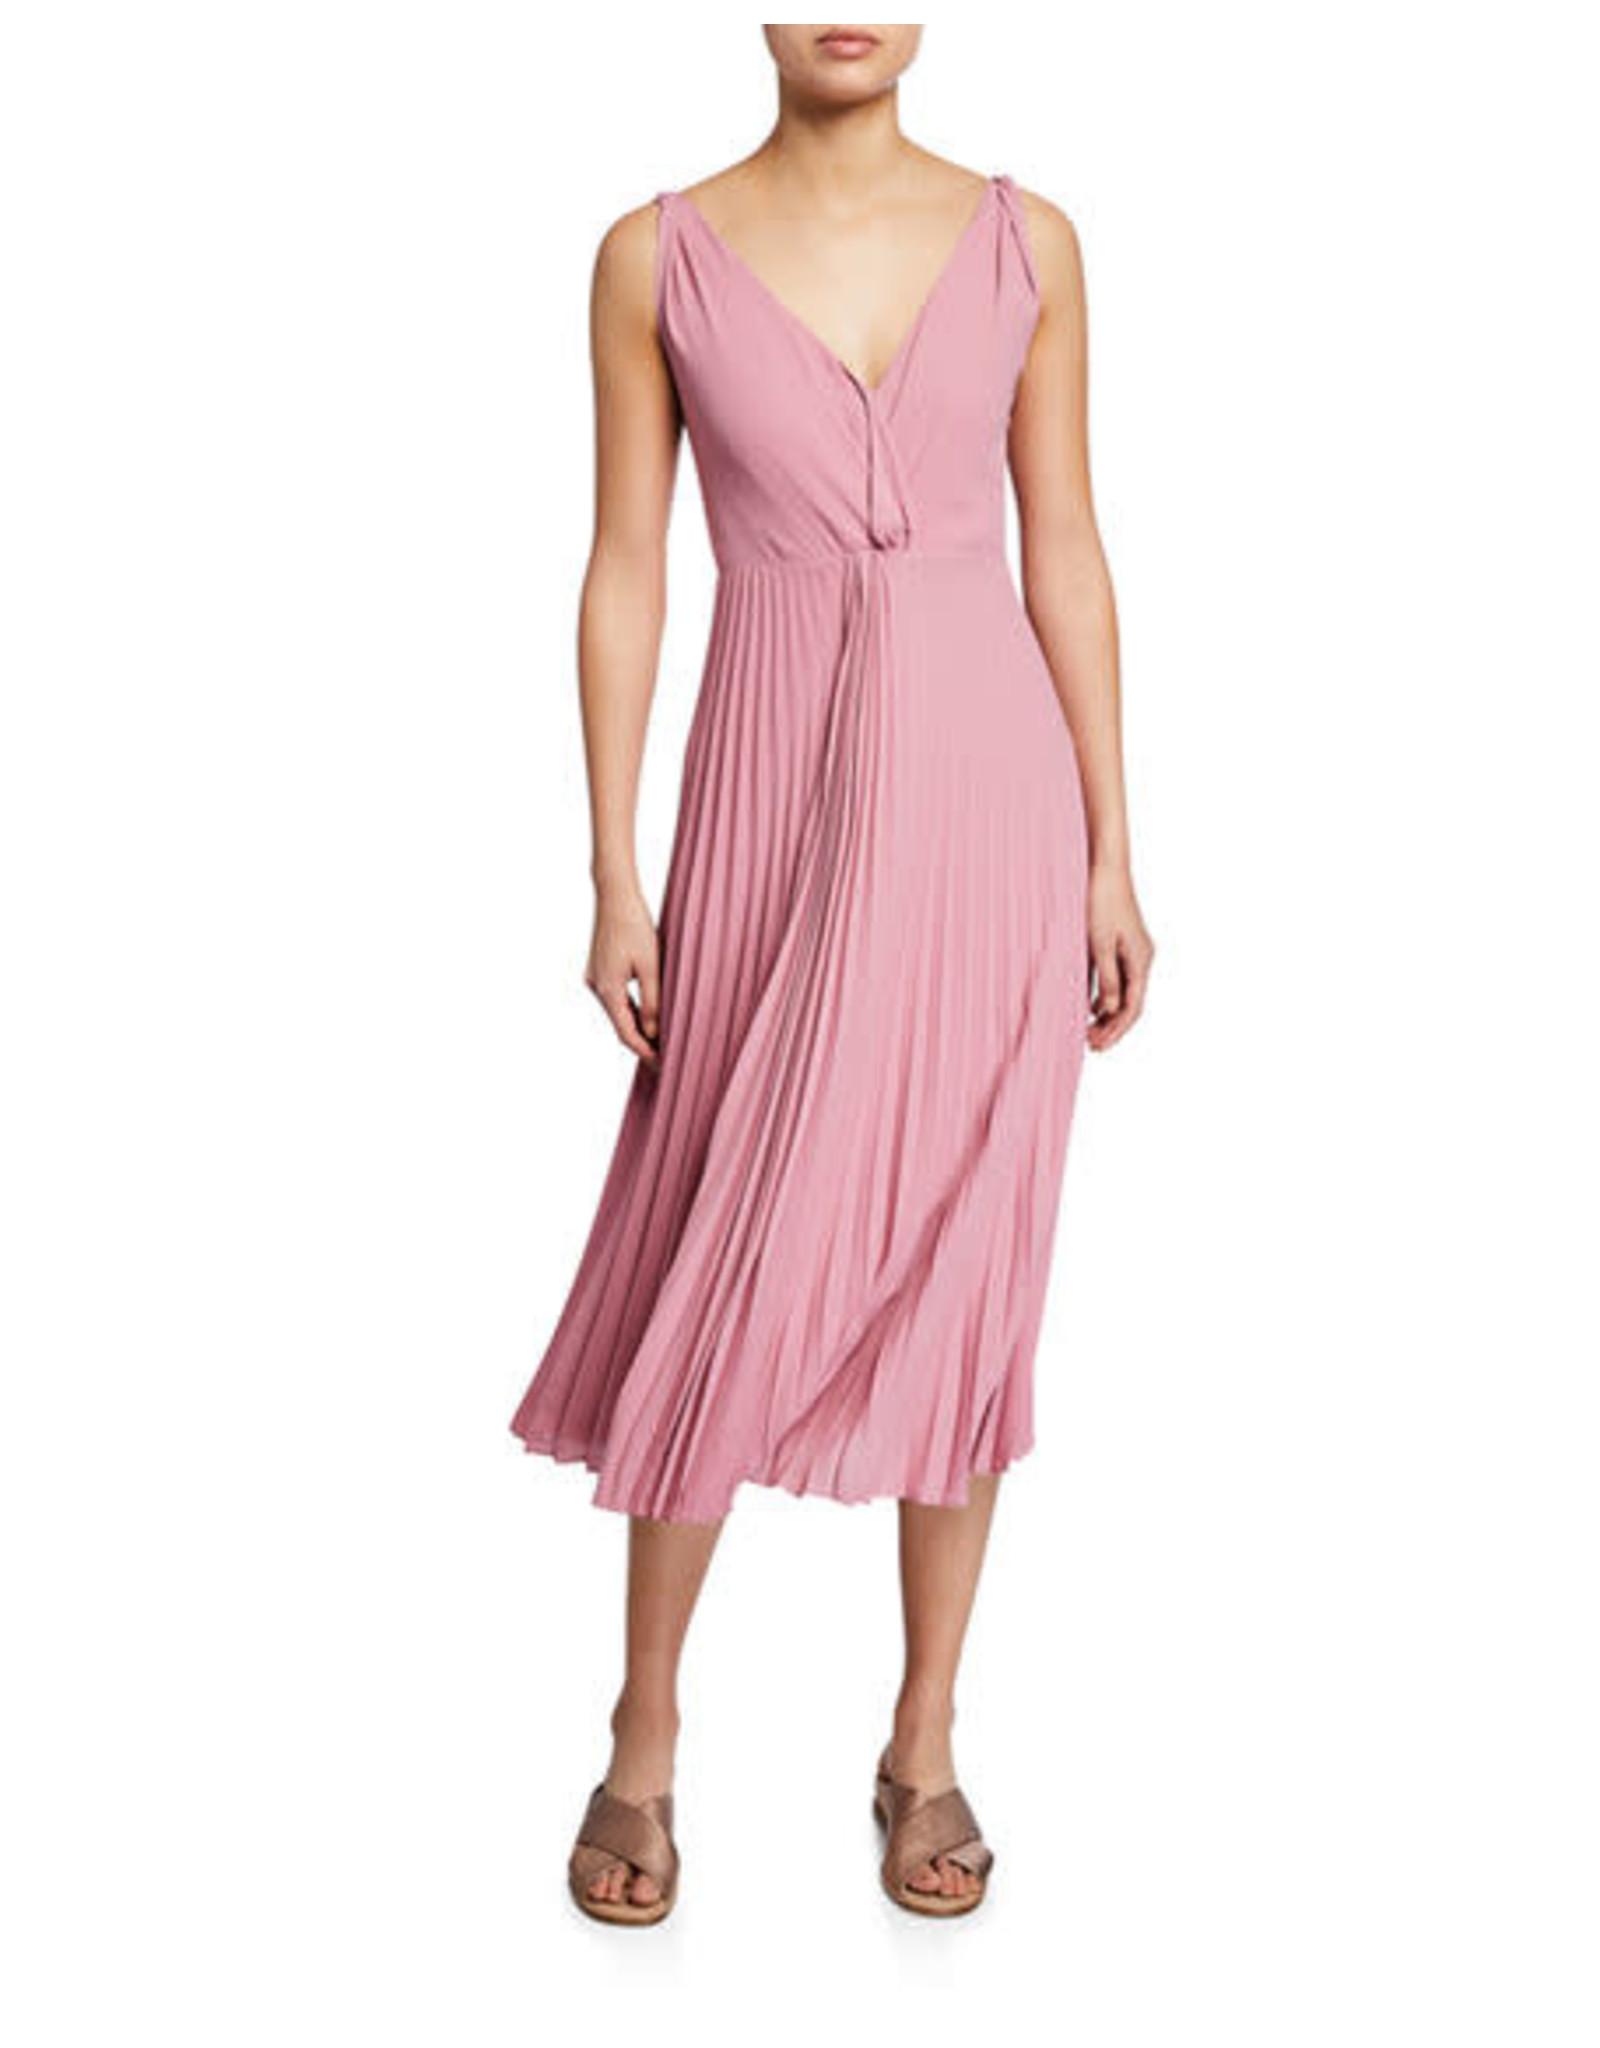 Vince Bais Pleat Dress